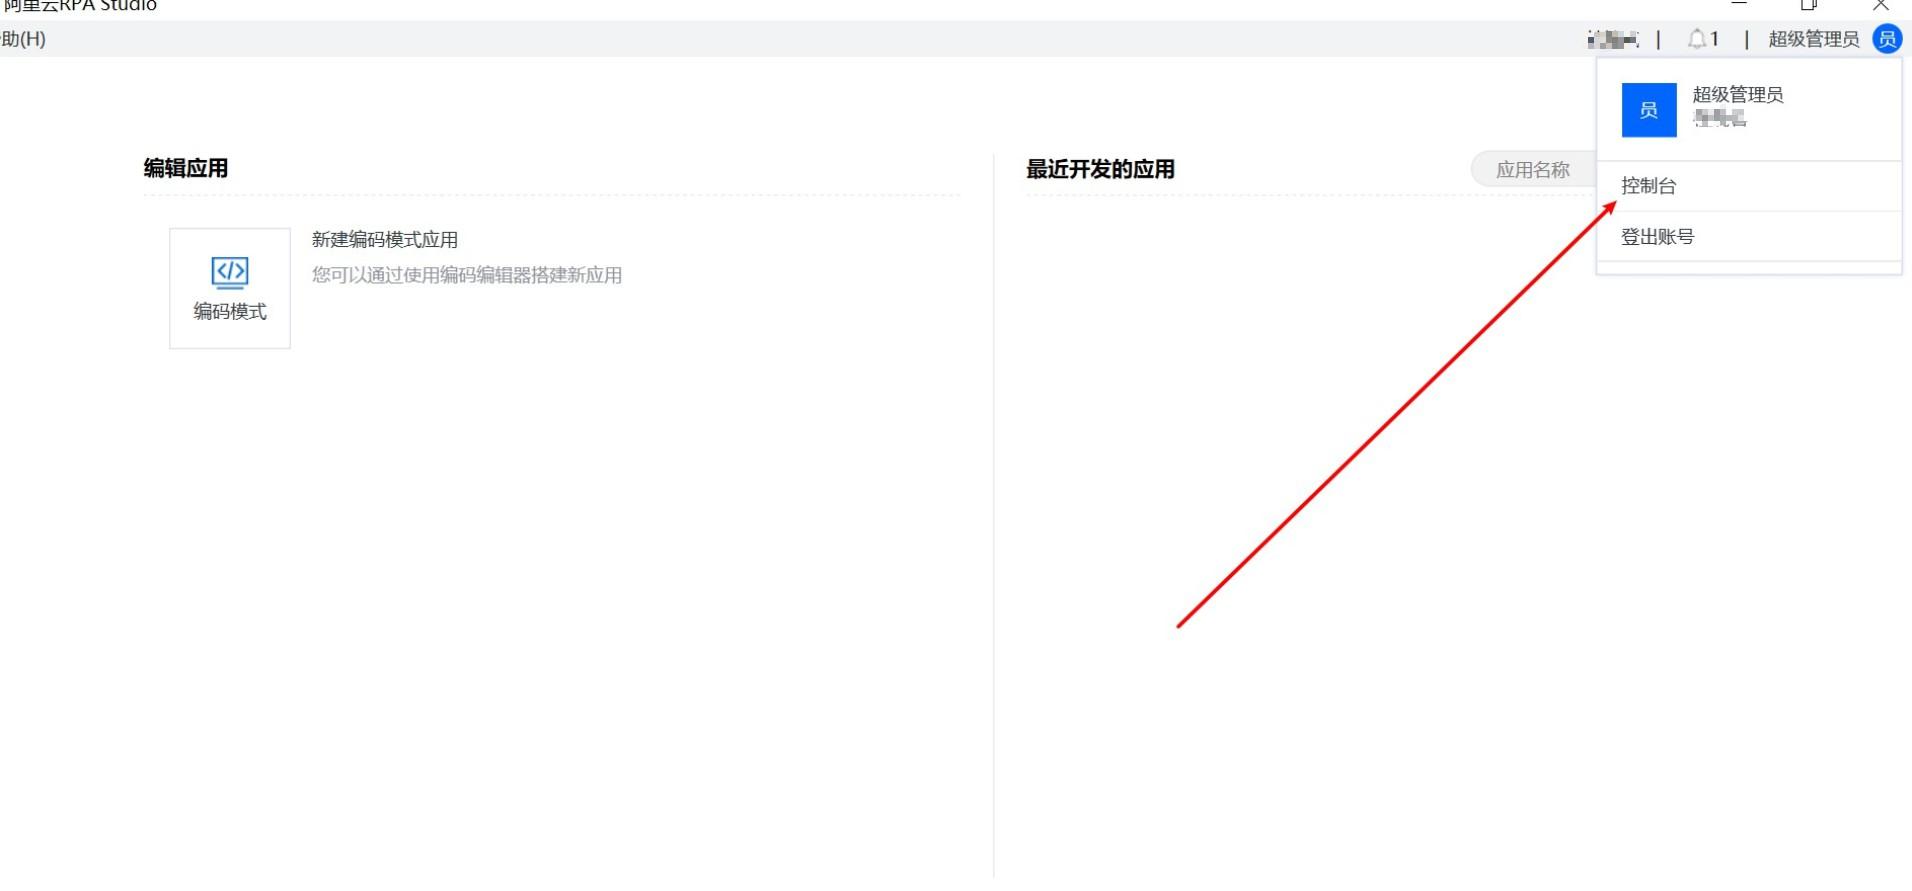 阿里云RPA产品公共云Studio账号注册及授权操作方式